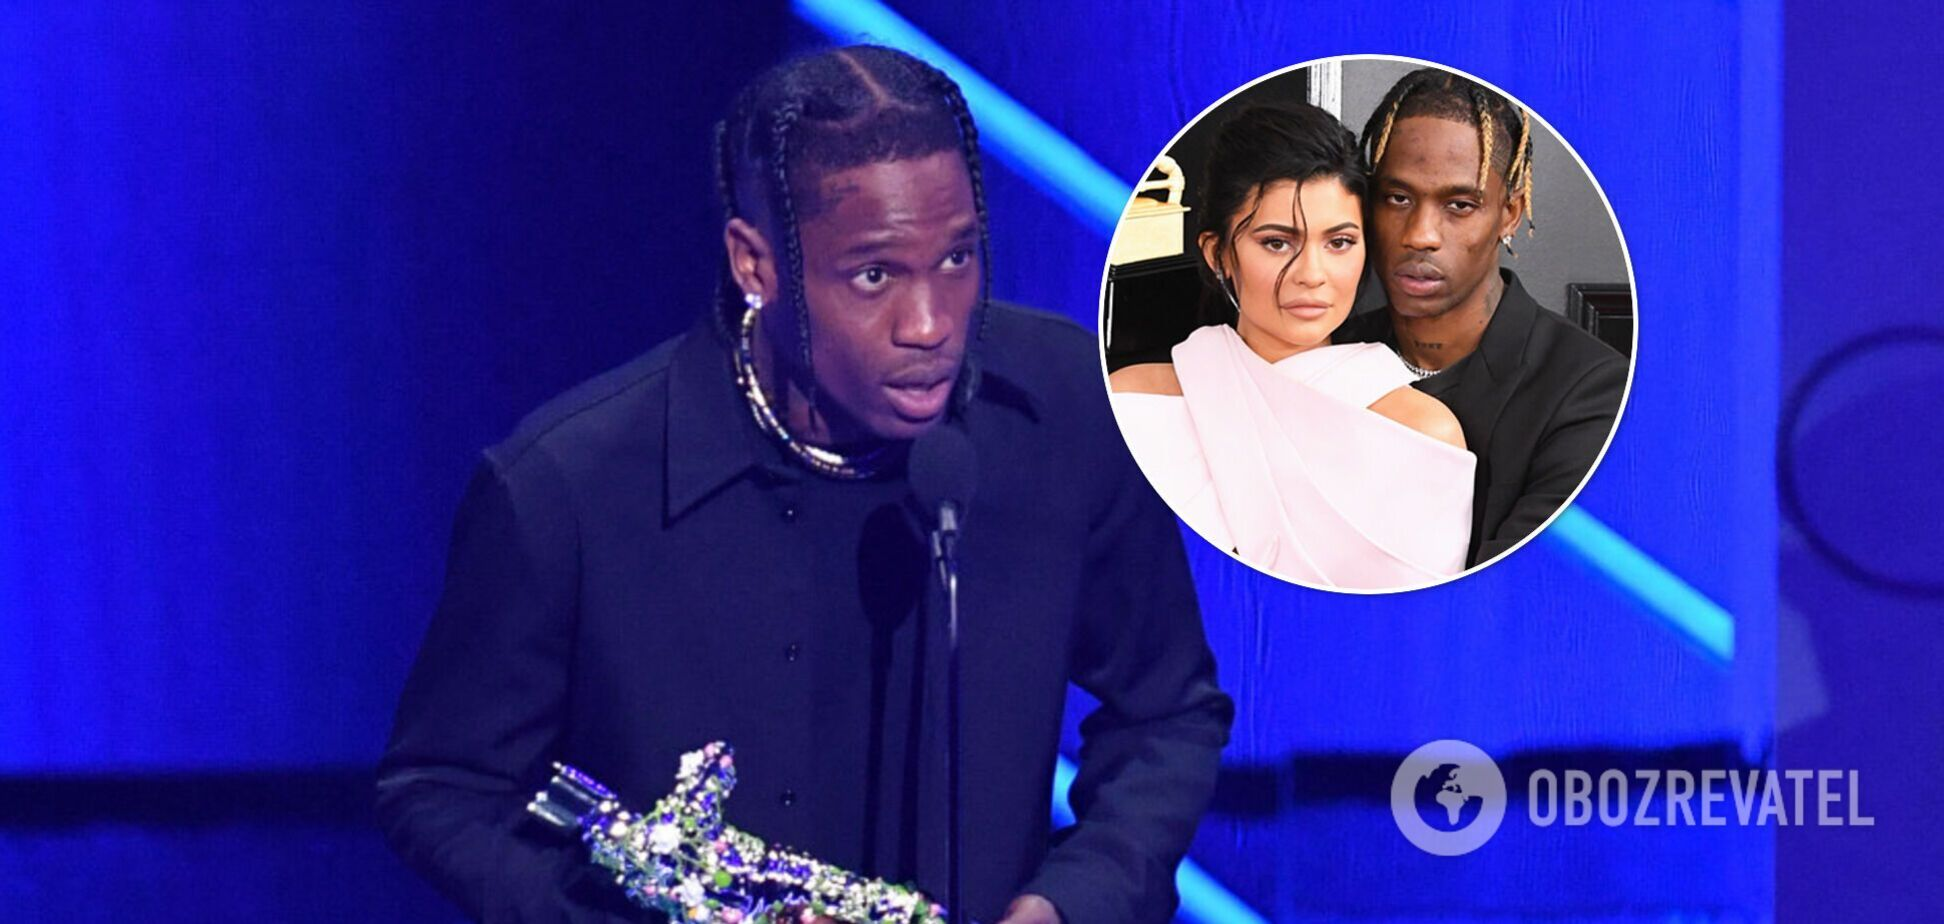 Тревіс Скотт не подякував Кайлі Дженнер на церемонії нагородження MTV